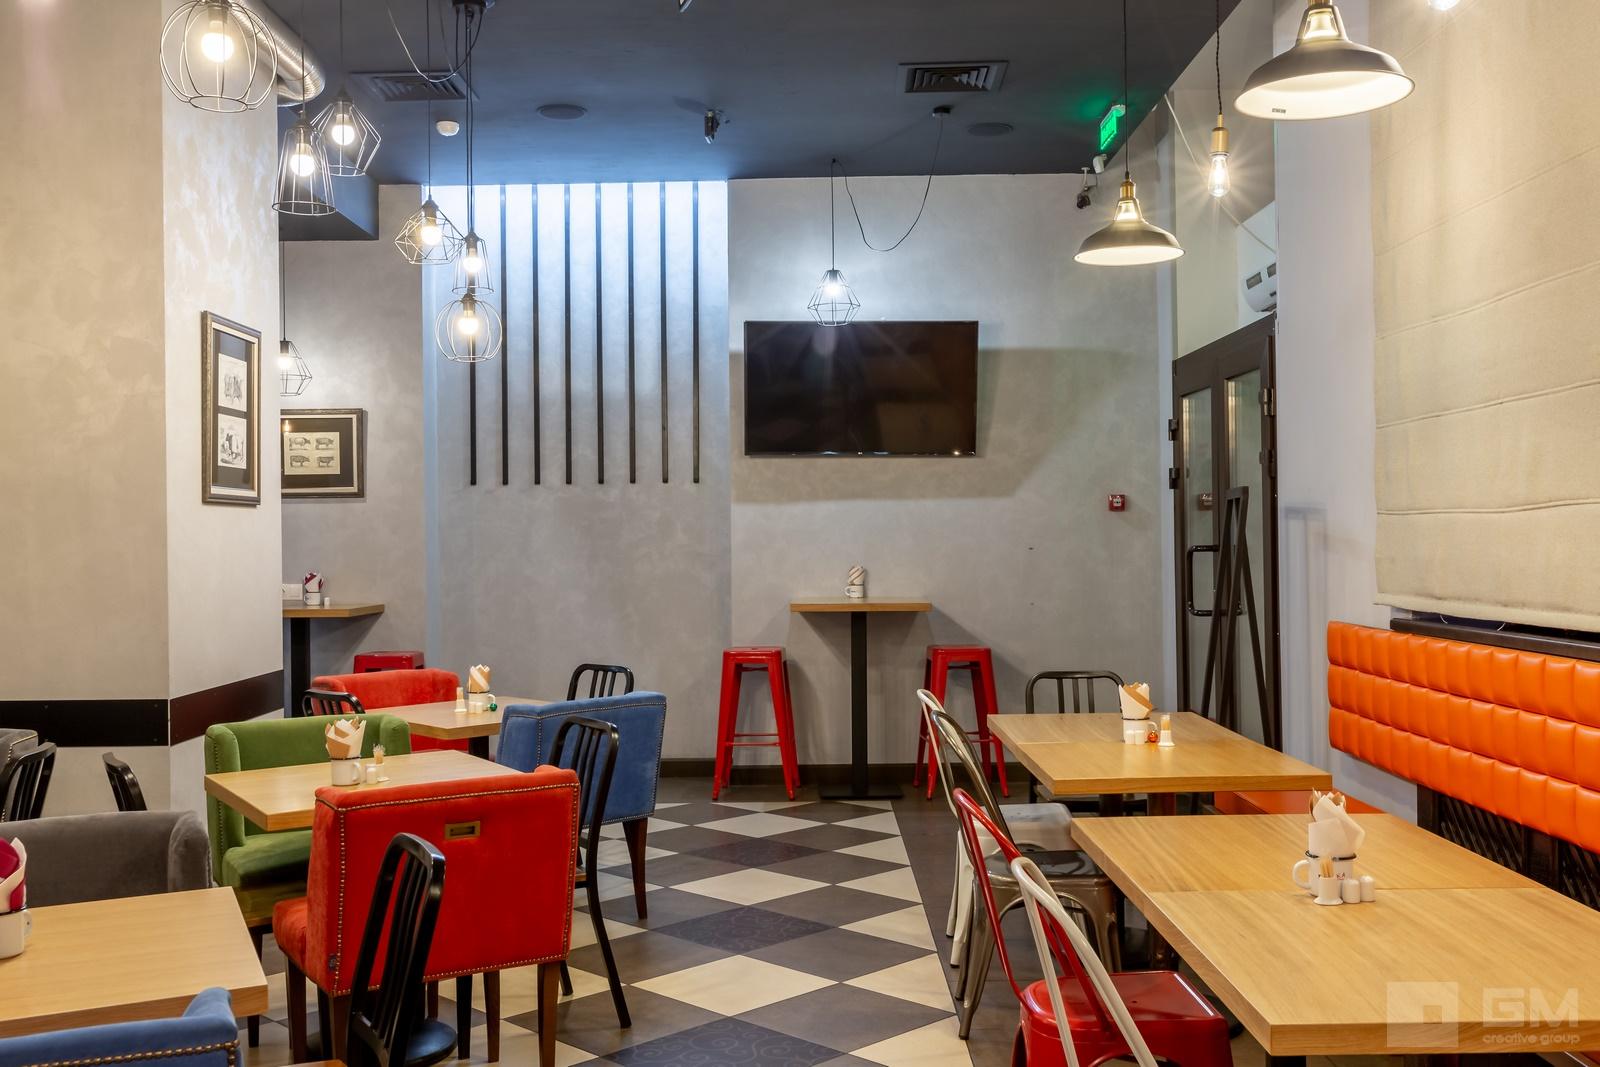 Дизайн проект пивного ресторана в стиле лофт. Стильный интерьер с дизайнерскими идеями от студии дизайна GM-interior